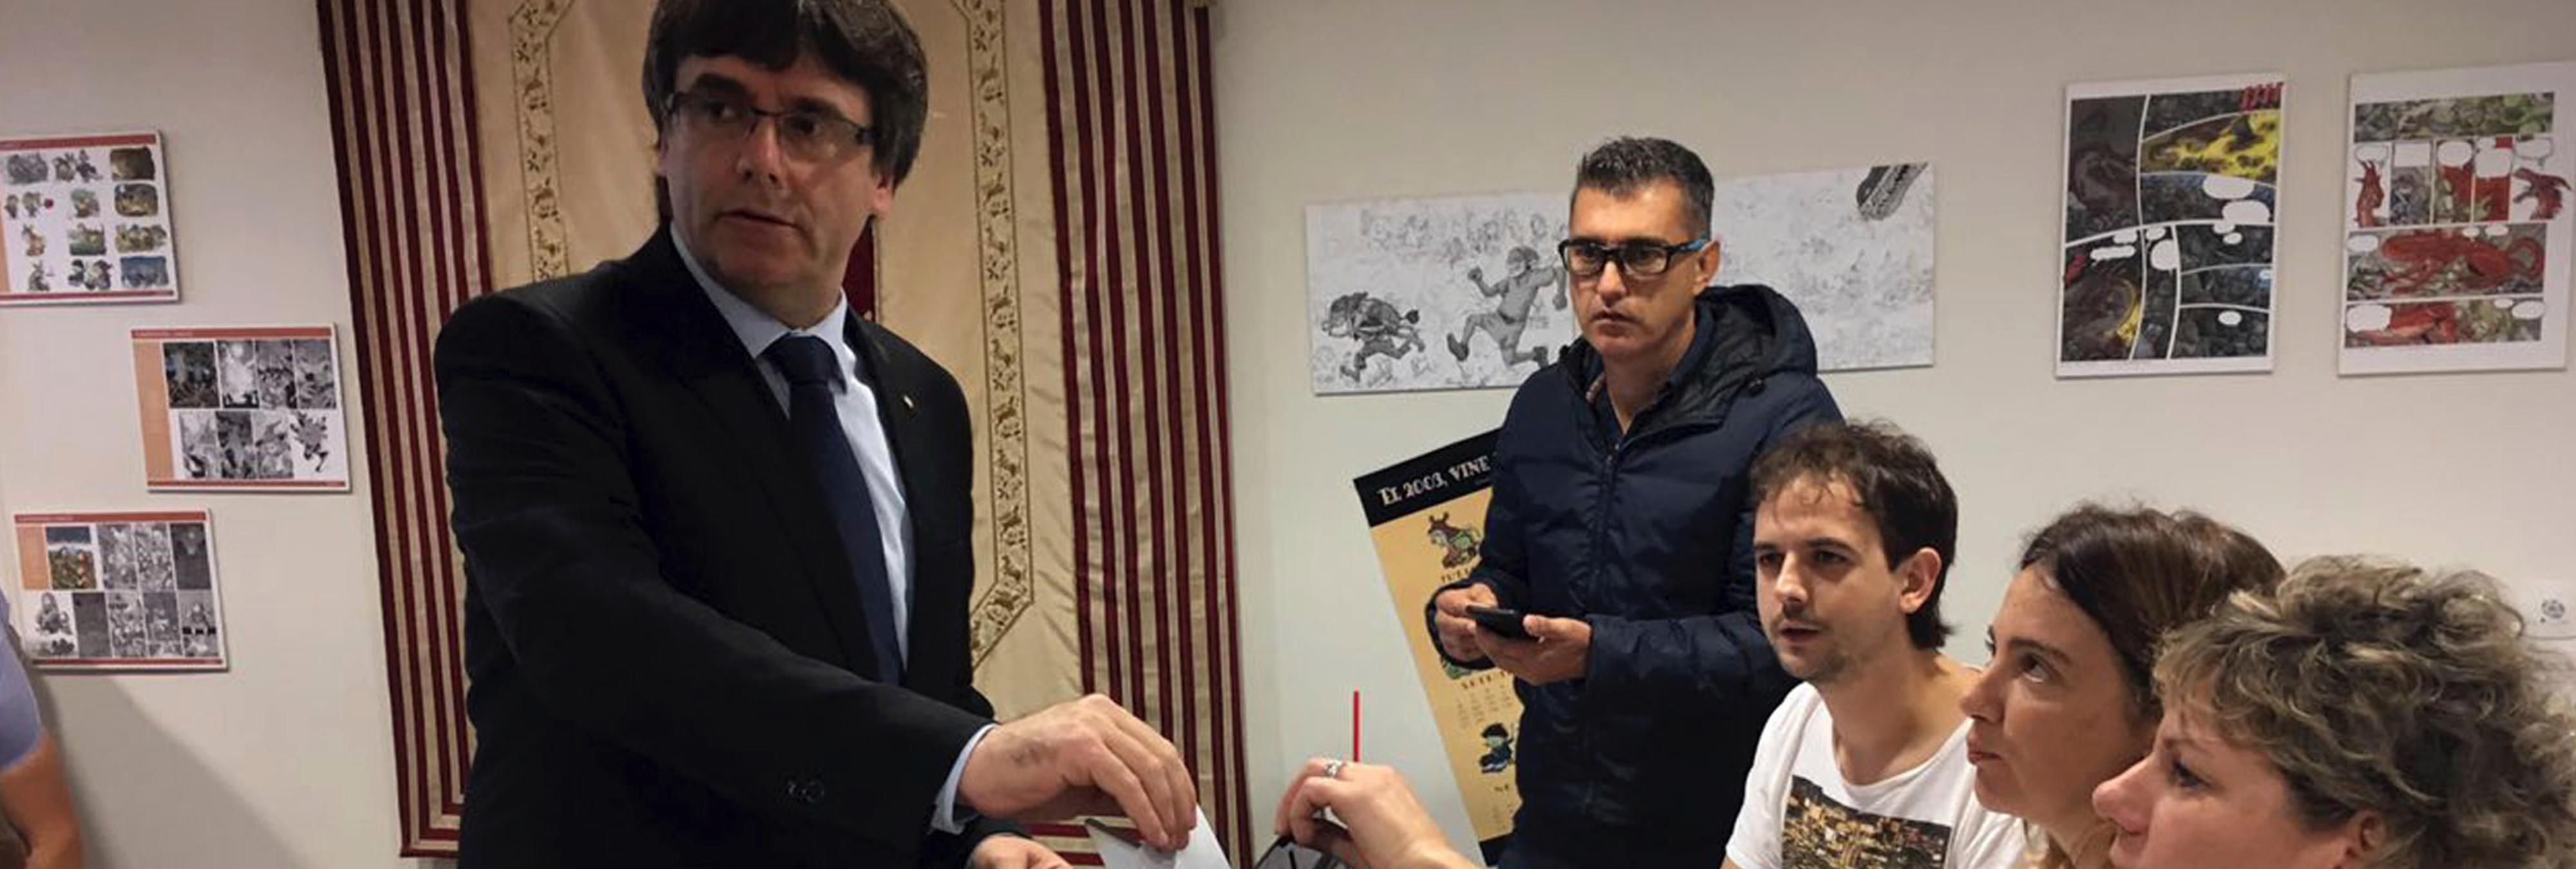 El 'sí' obtuvo el 1-O más votos que personas censadas en 71 municipios